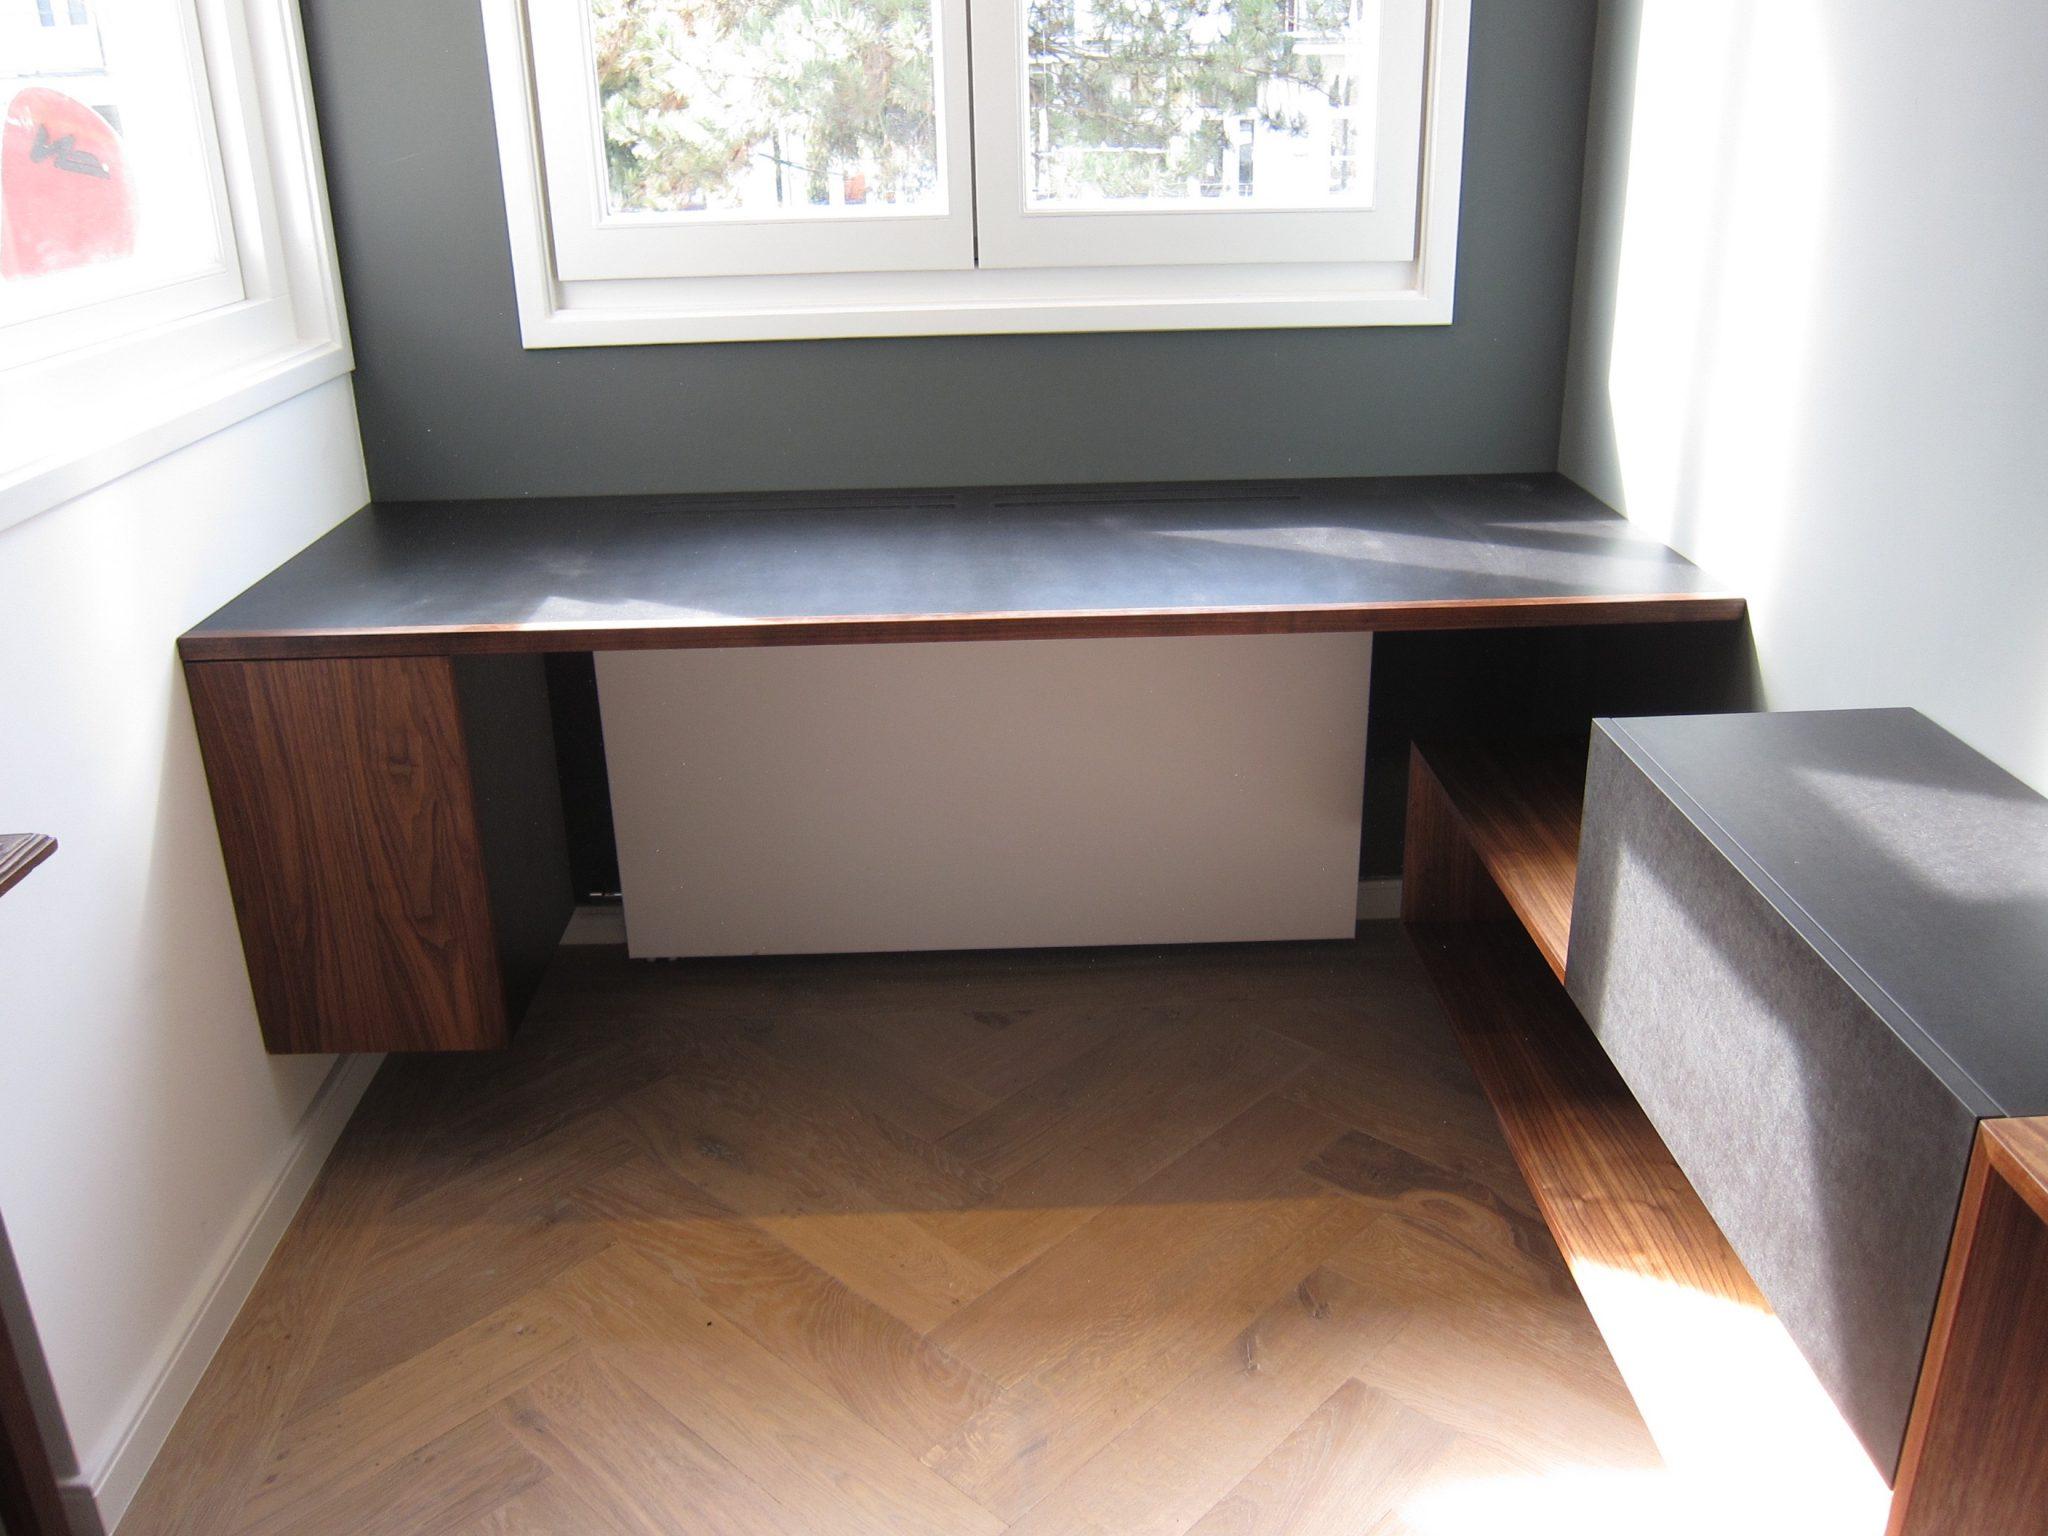 Dressoir en bureau vincent niekerk meubelmaker amsterdam